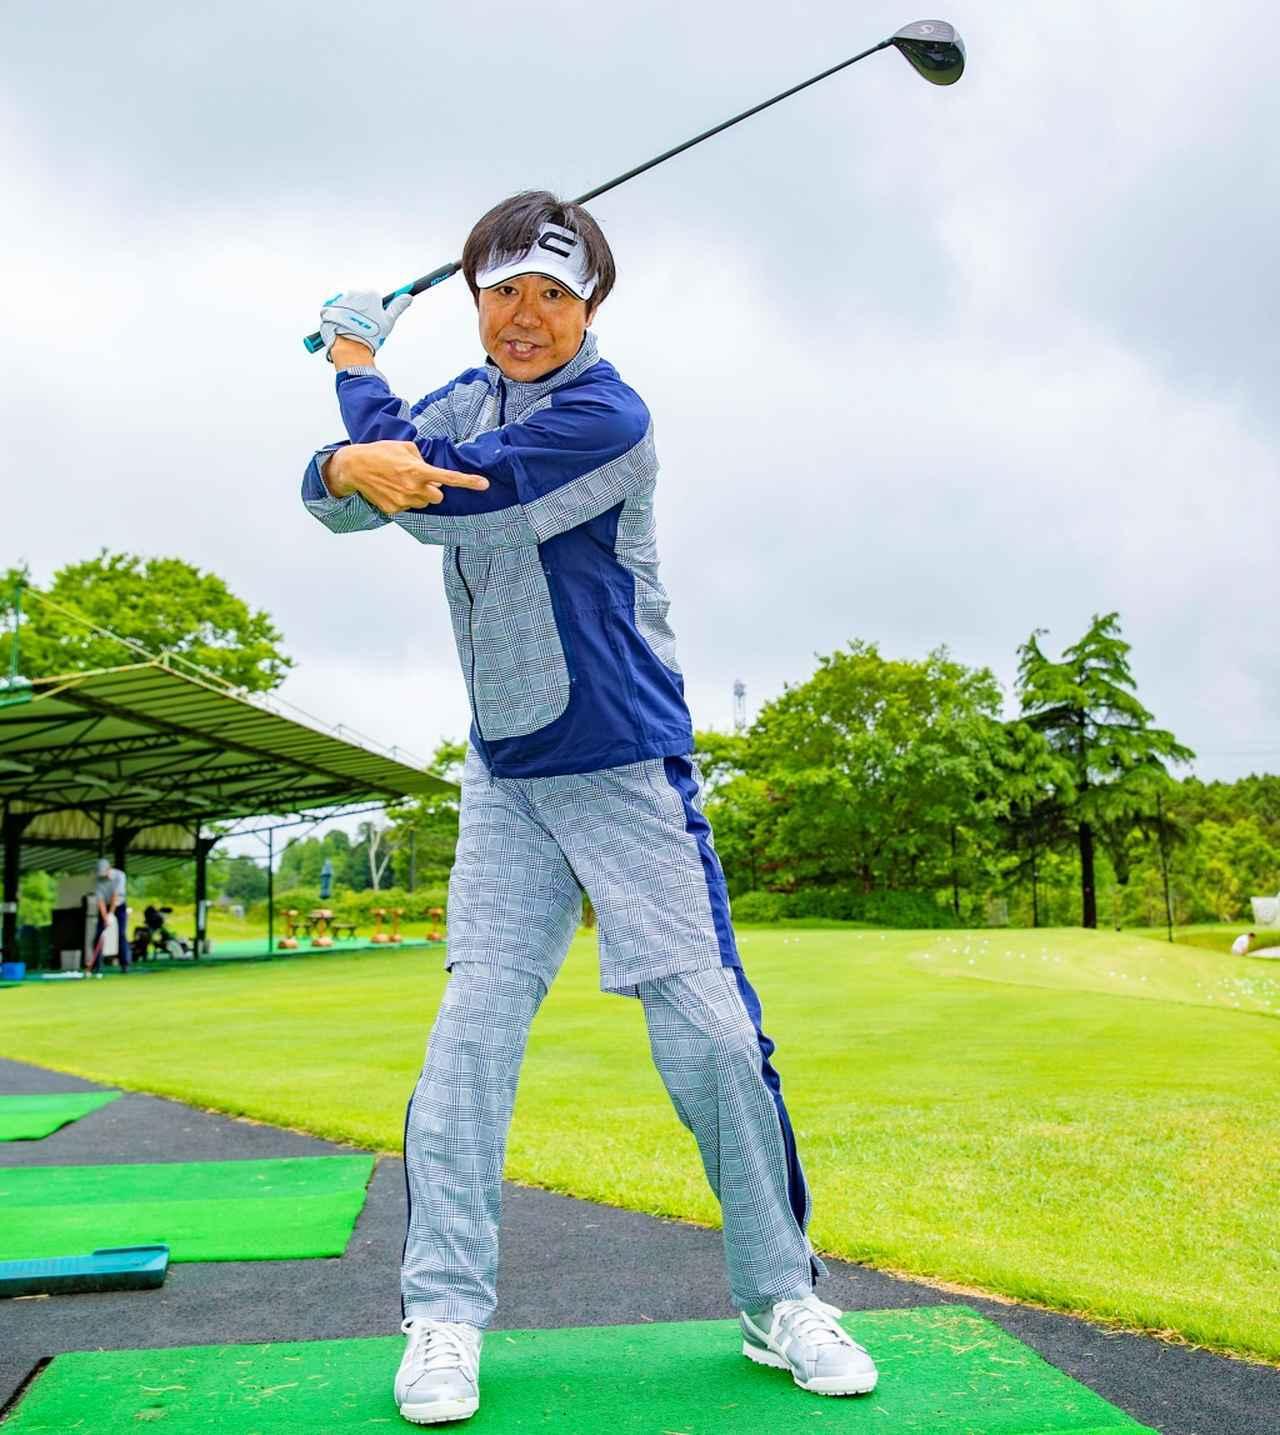 画像: 伊丹'sインプレ 肩やひざがよく伸びてくれ、トップで窮屈になりません!